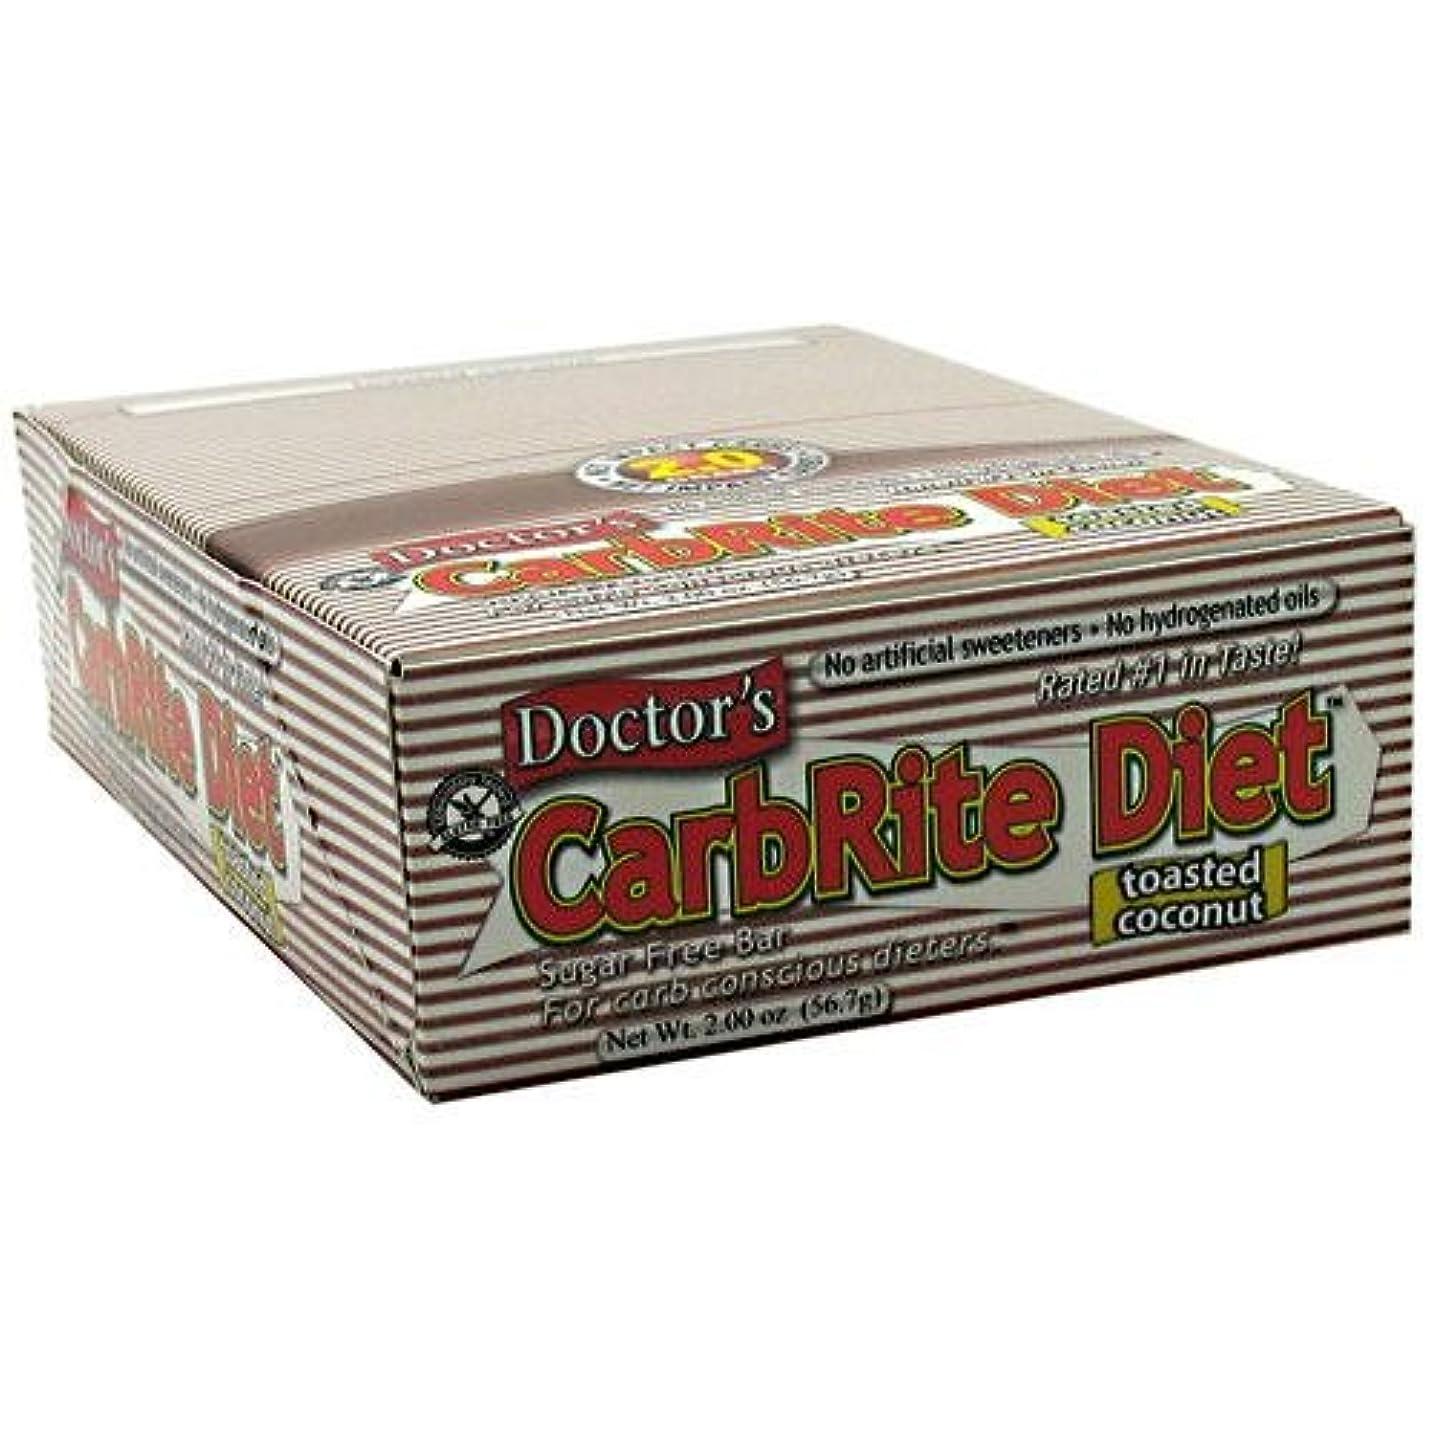 方程式親前任者Doctor's CarbRite Diet Toasted Coconut Bars, 2 oz, 12 count by Universal Nutrition